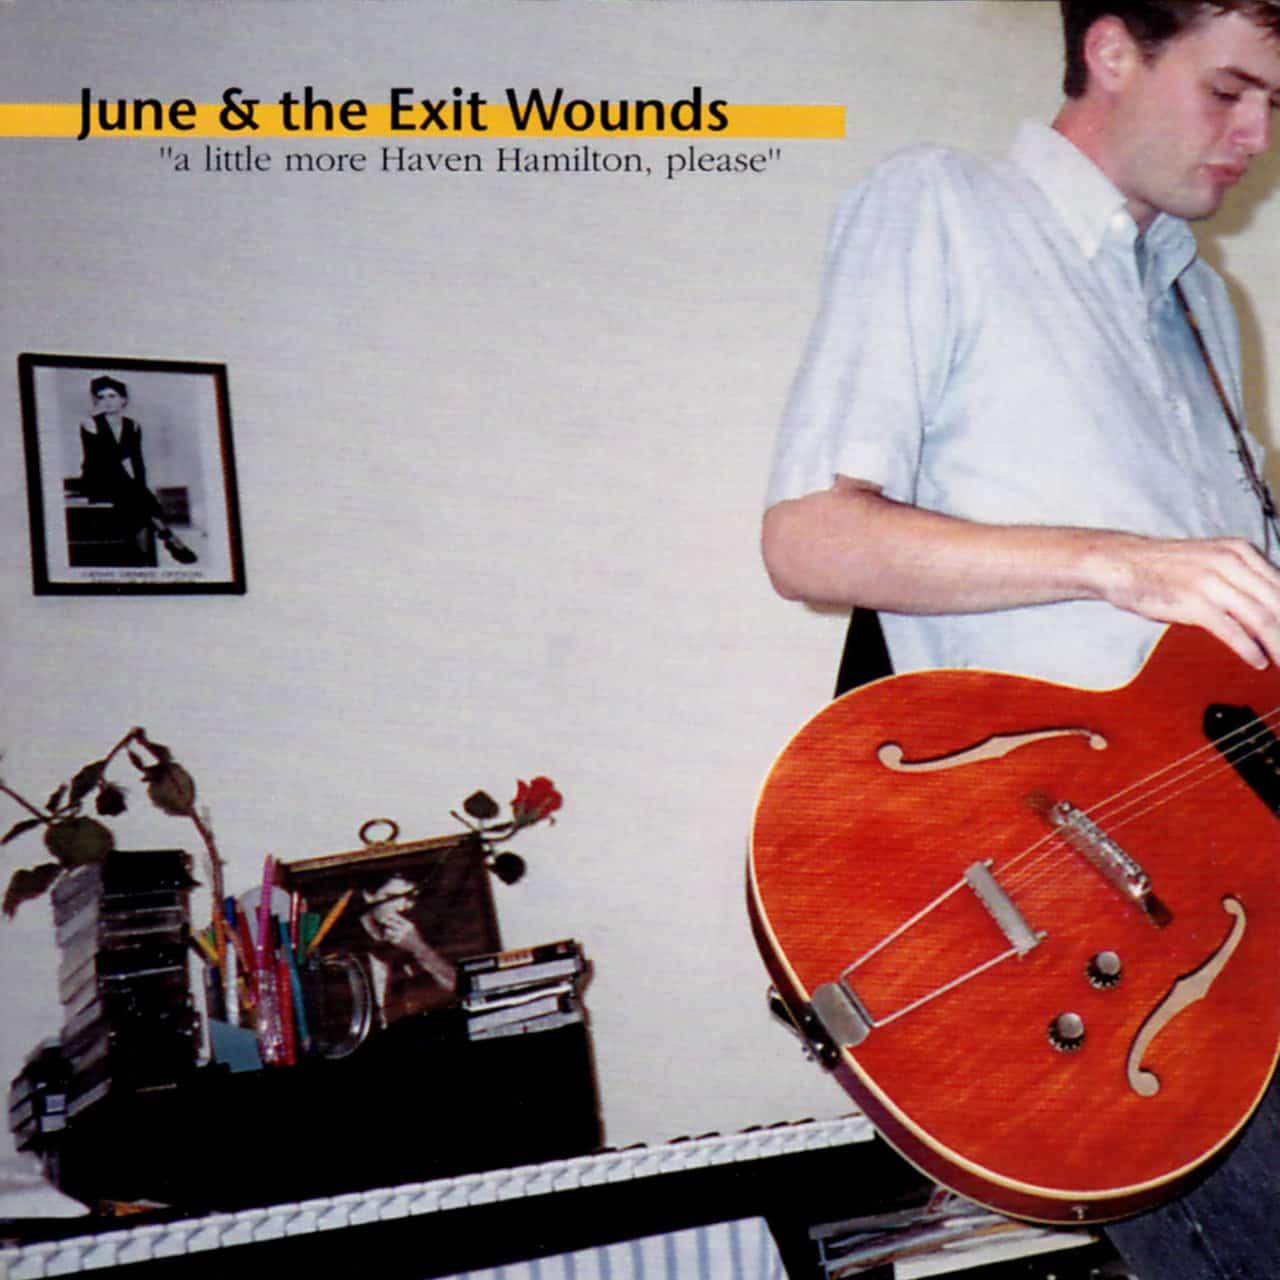 June & the Exit Wounds - A Little More Haven Hamilton, Please